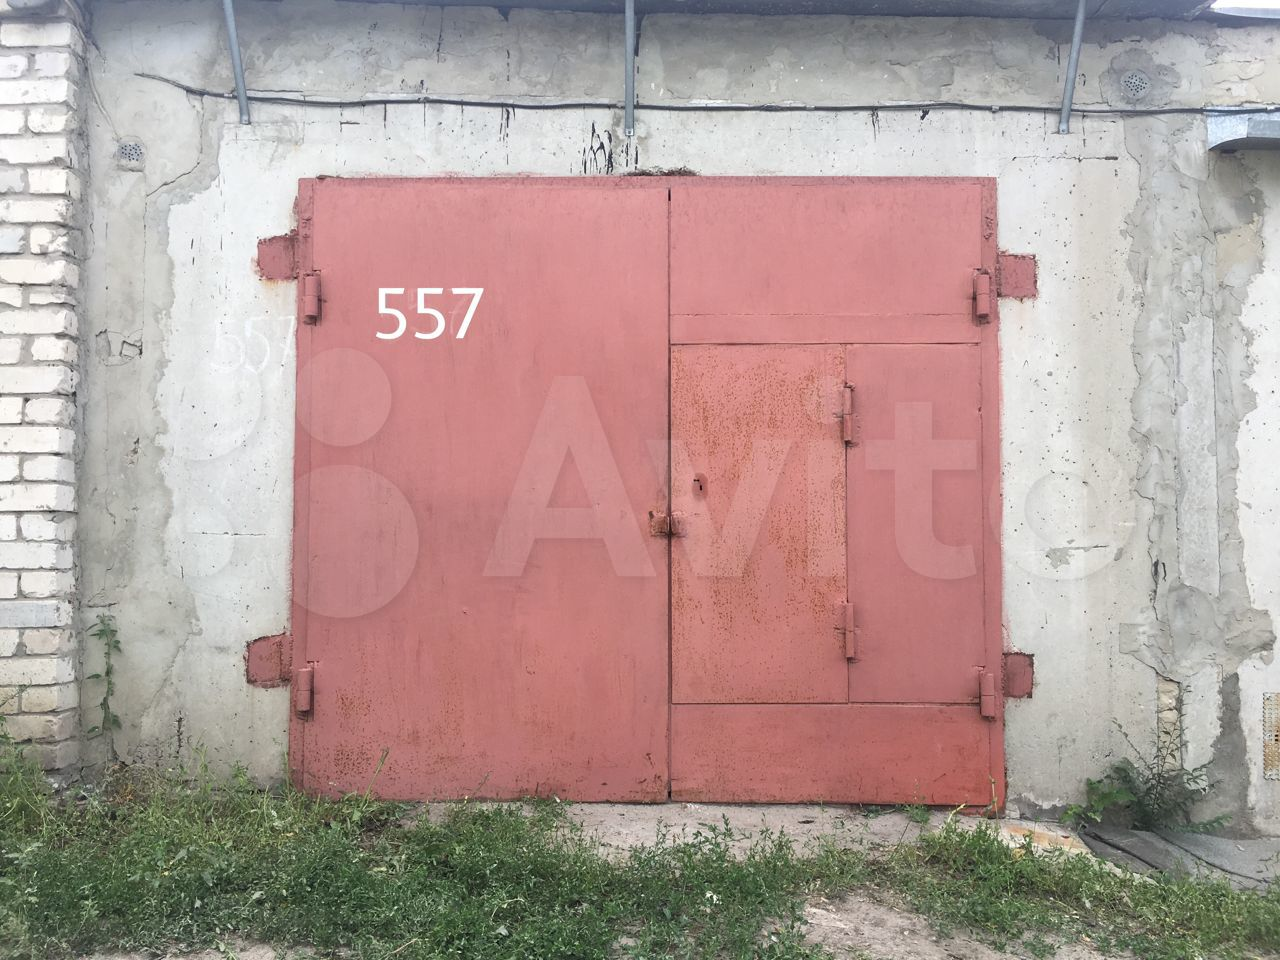 Garage 21 m2 89603743731 köp 1